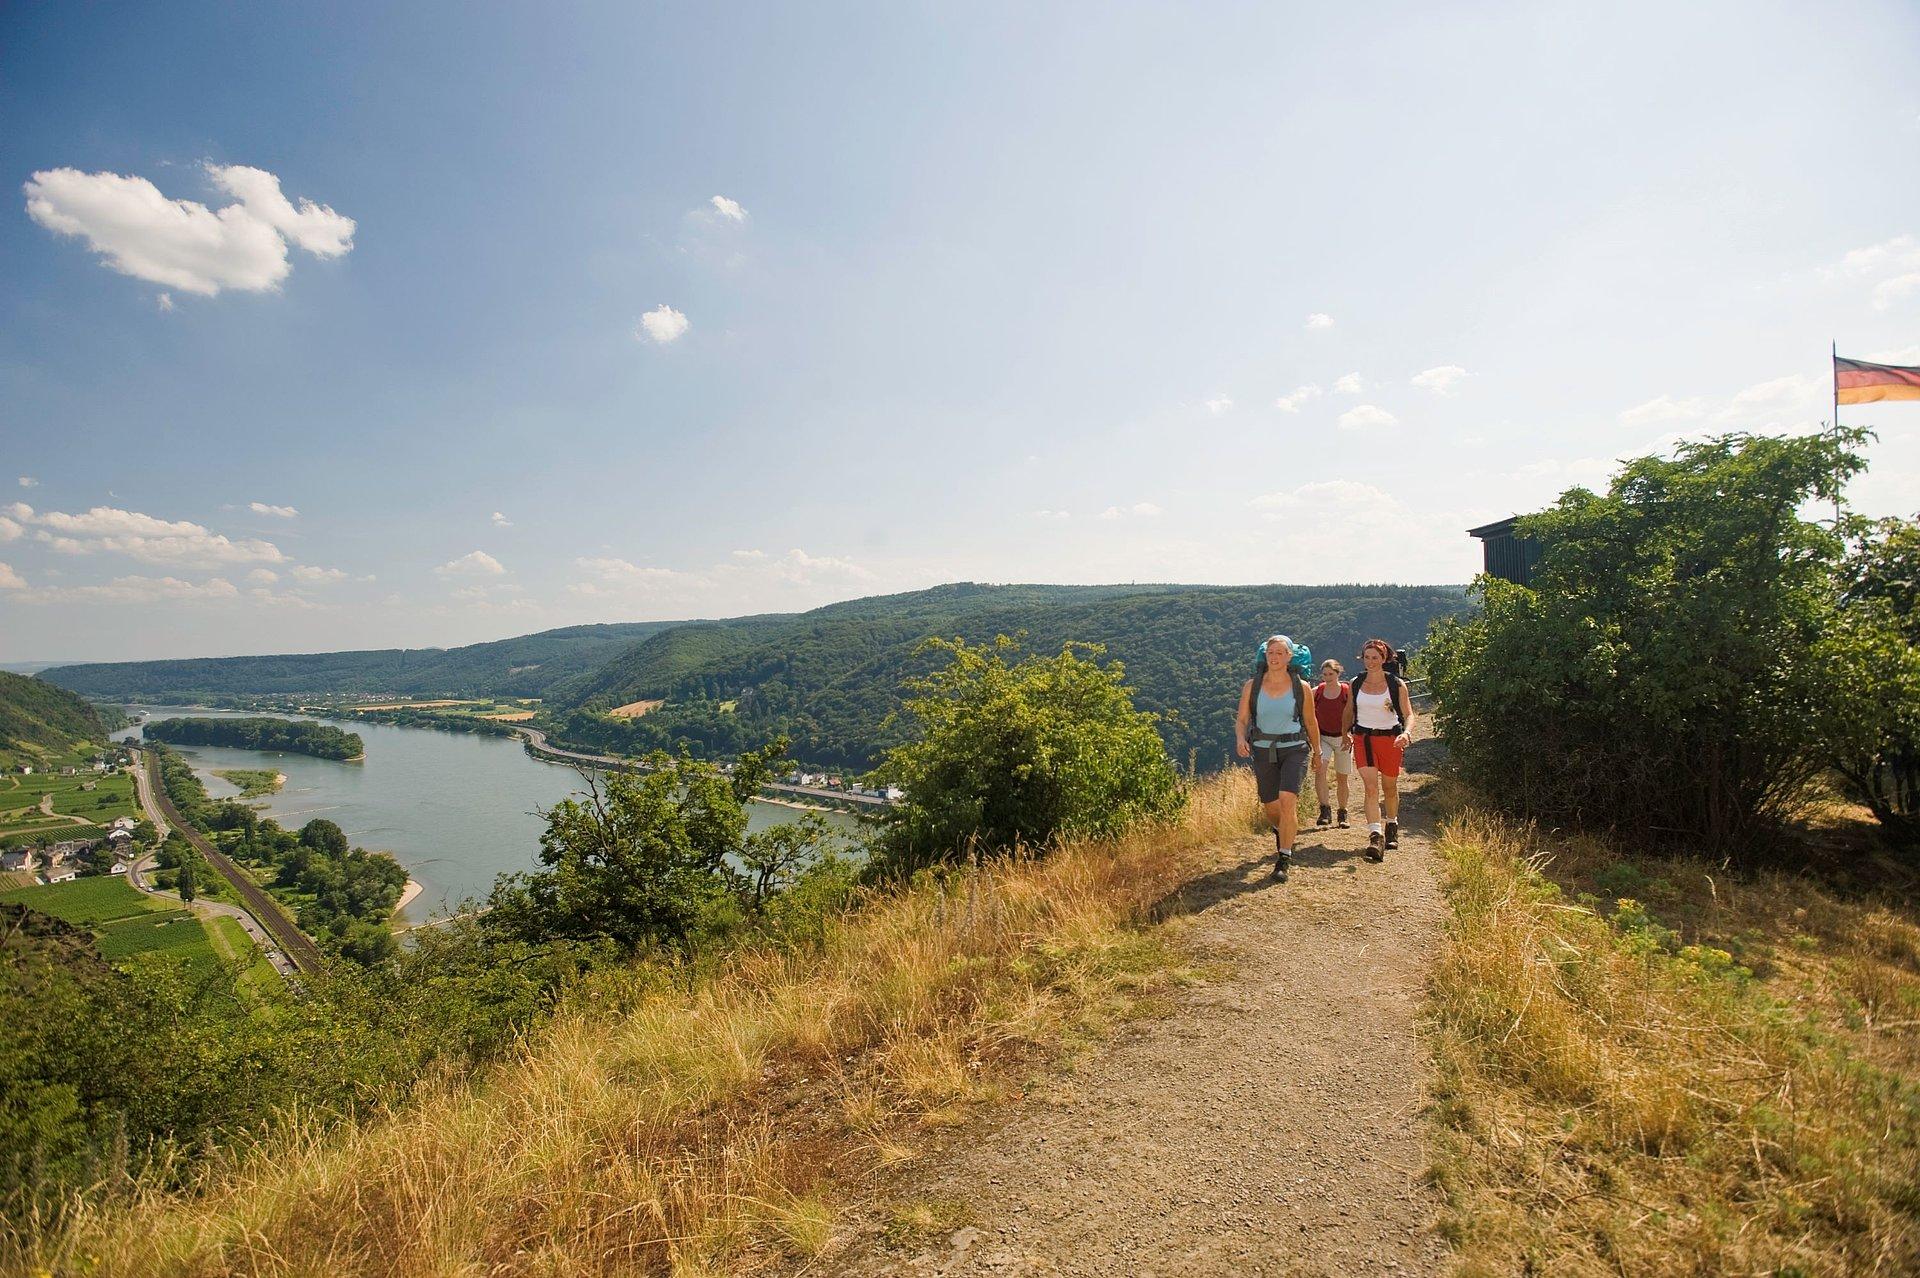 Wandeltocht naar de Rheinbrohler Ley bij Bad Hönningen, Romantische Rijn